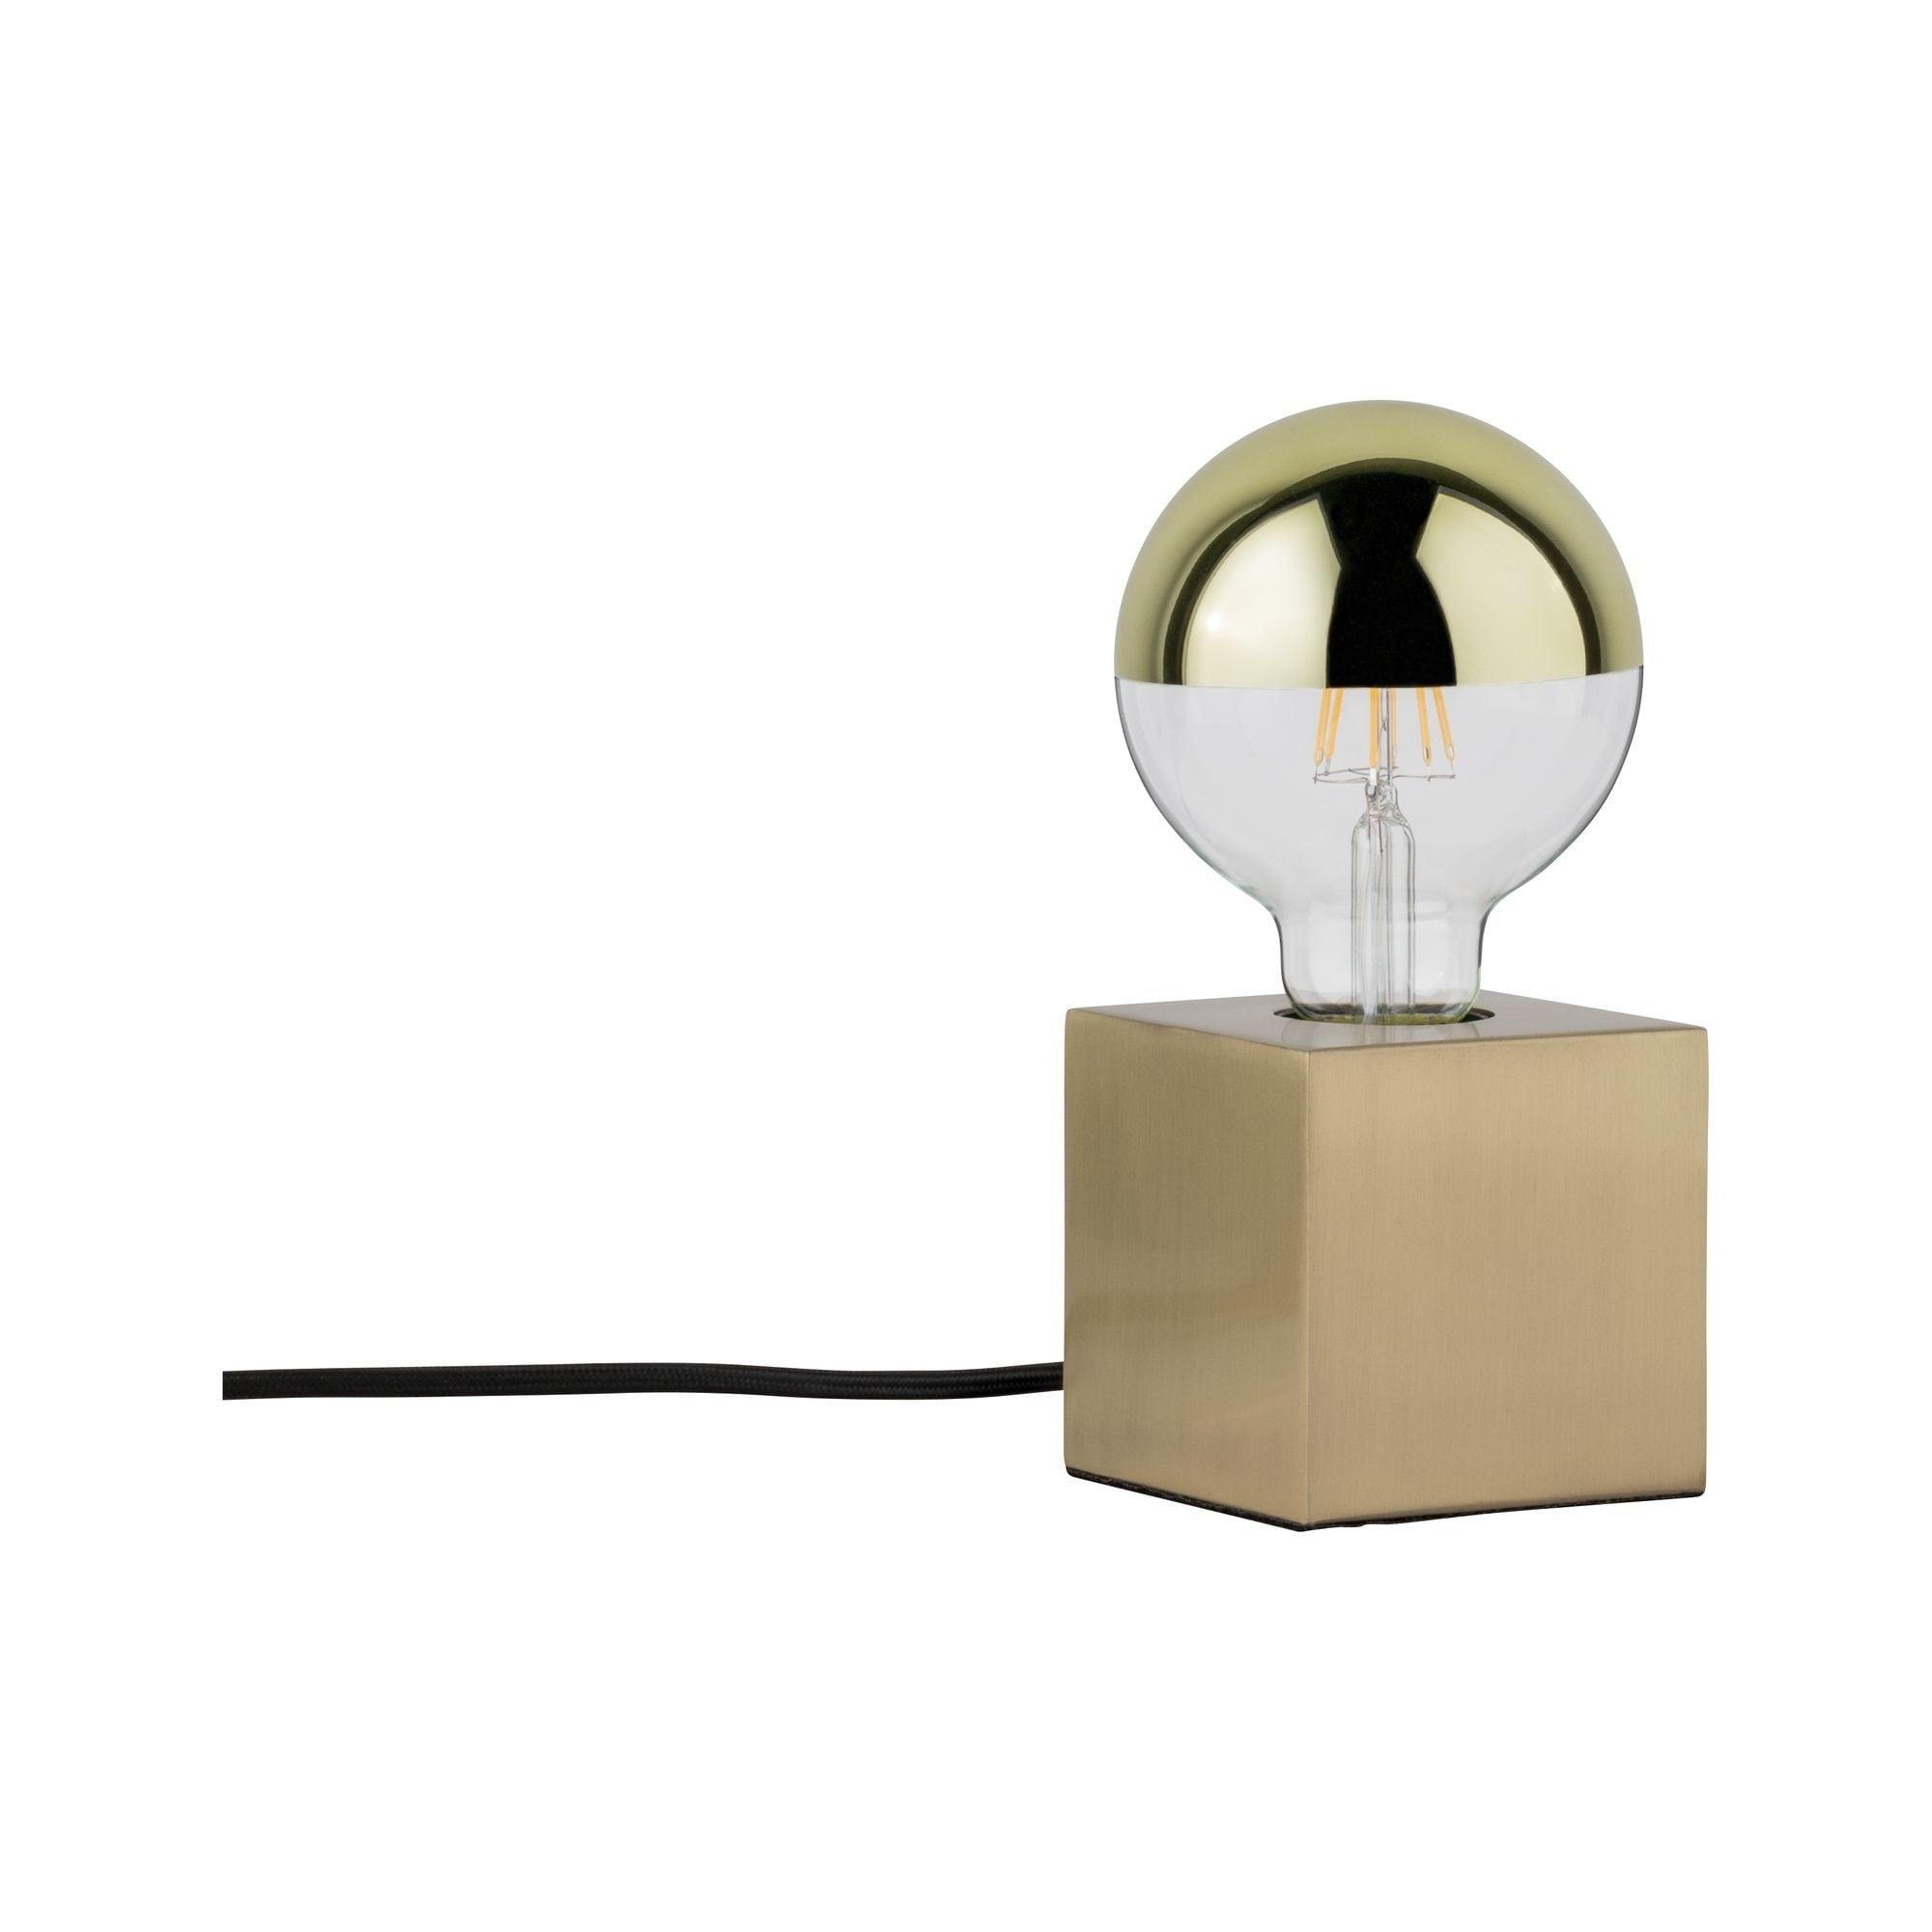 Paulmann LED Tischleuchte Dilja Messing gebürstet, max. 20W E27, E27, 1 St.